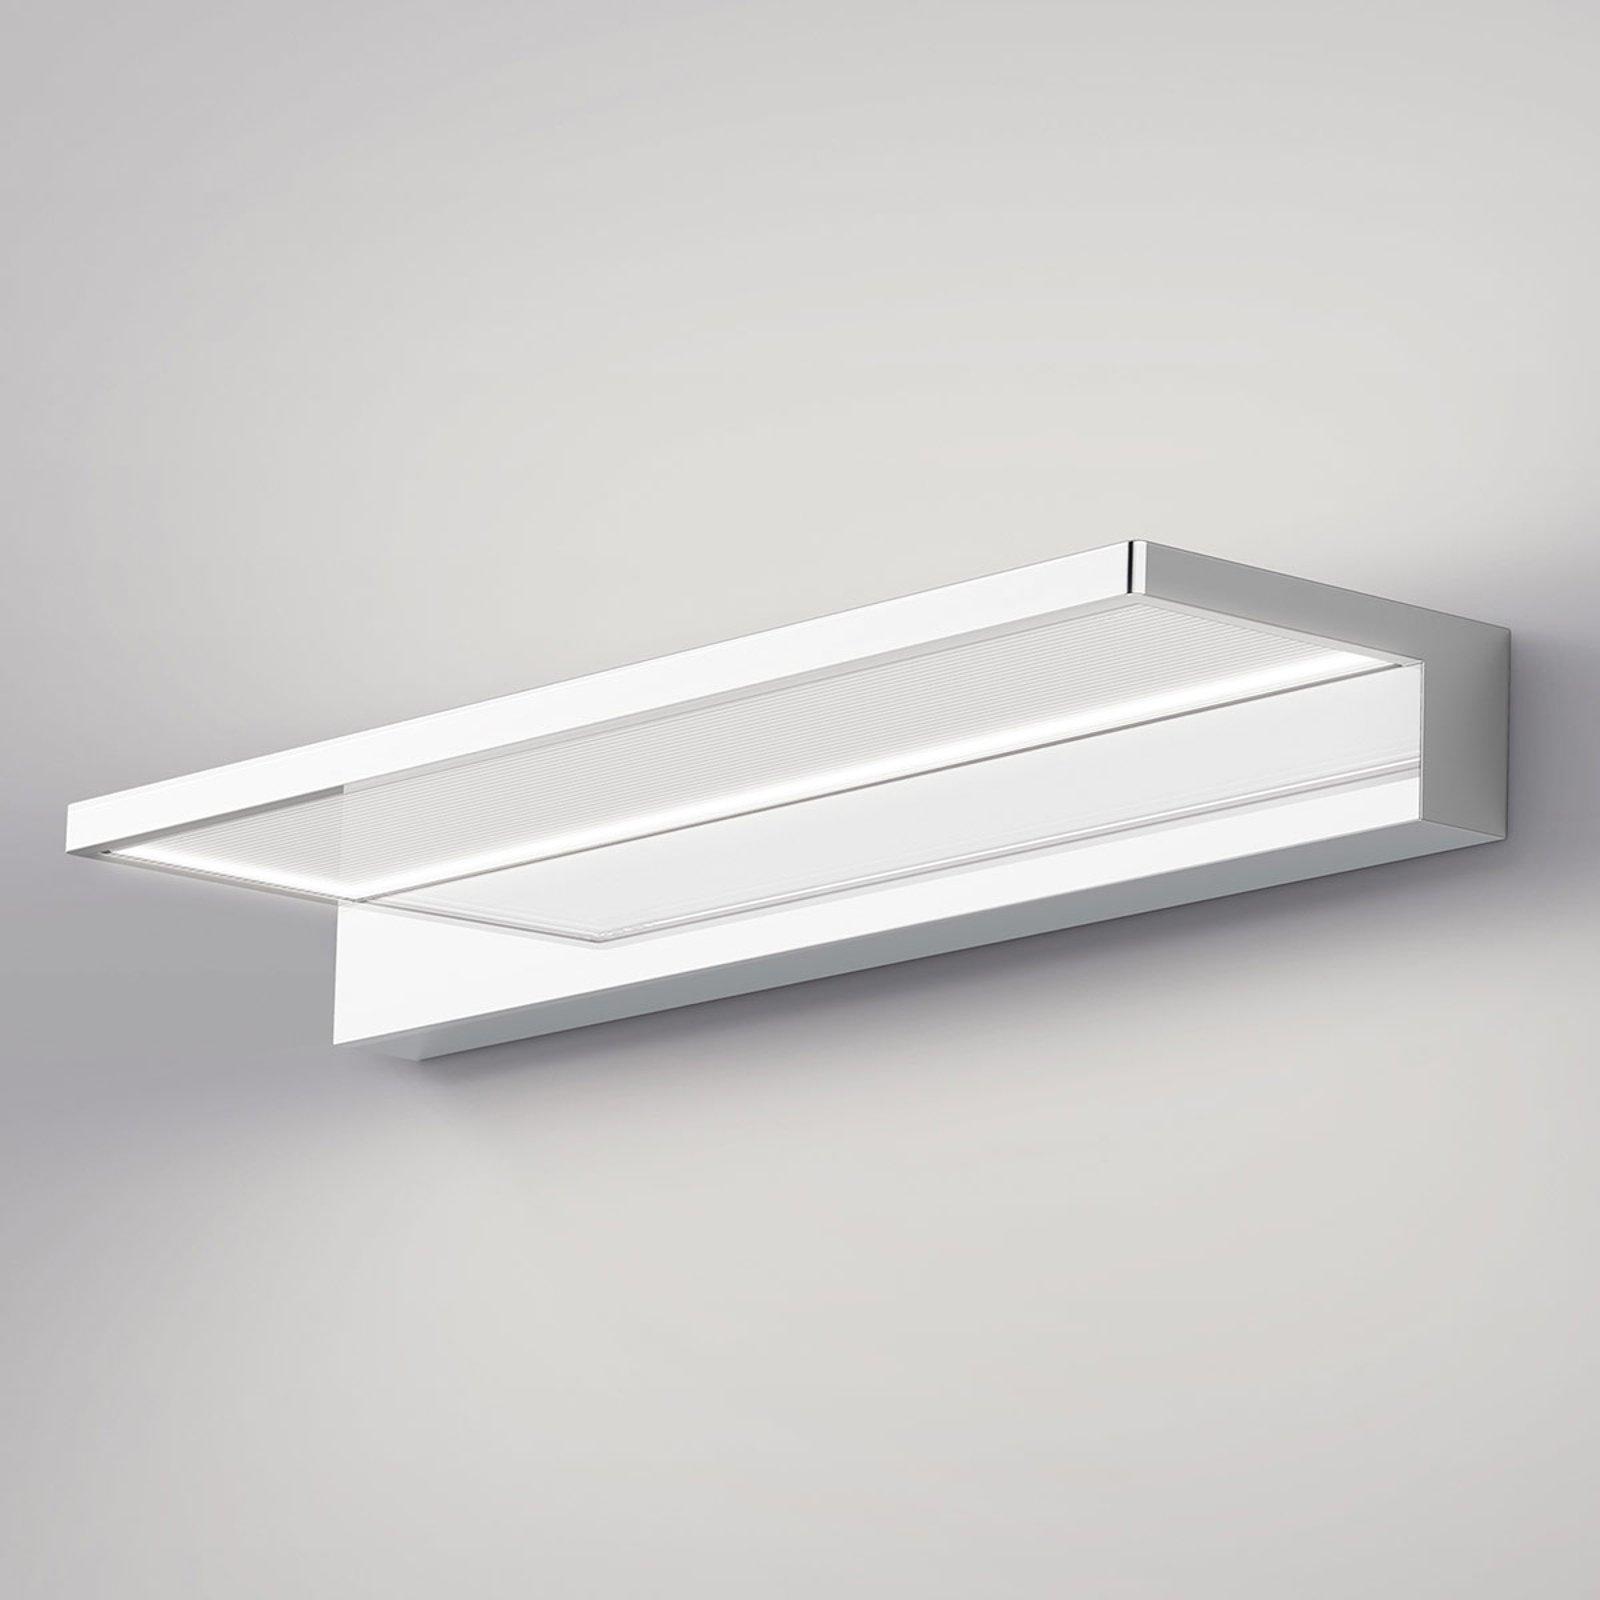 serien.lighting Crib Wall LED-vegglampe, krom